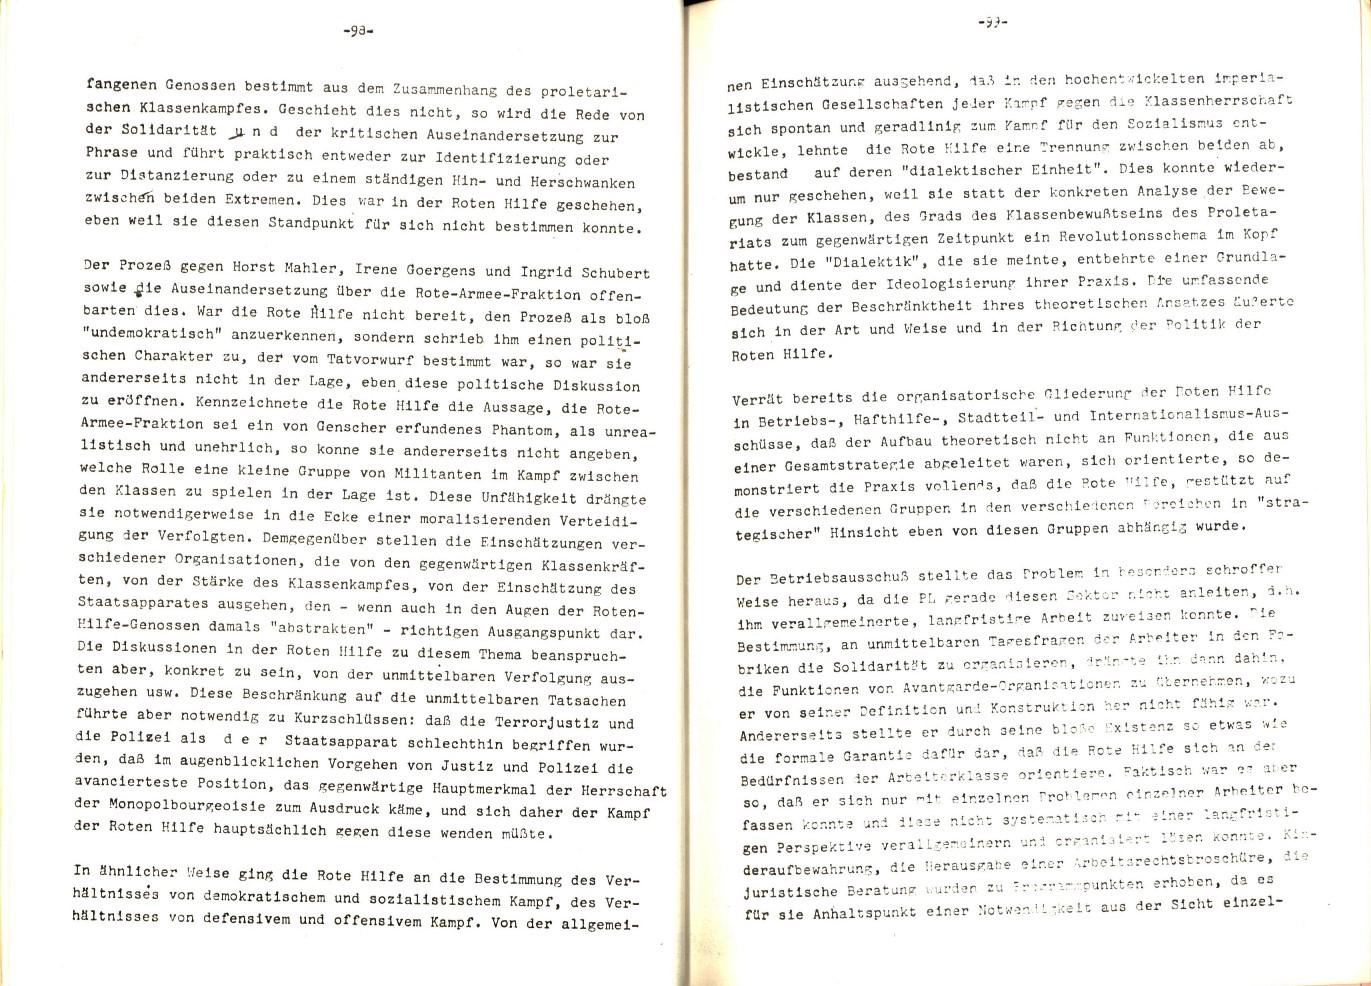 PLPI_1971_Aufloesung_52